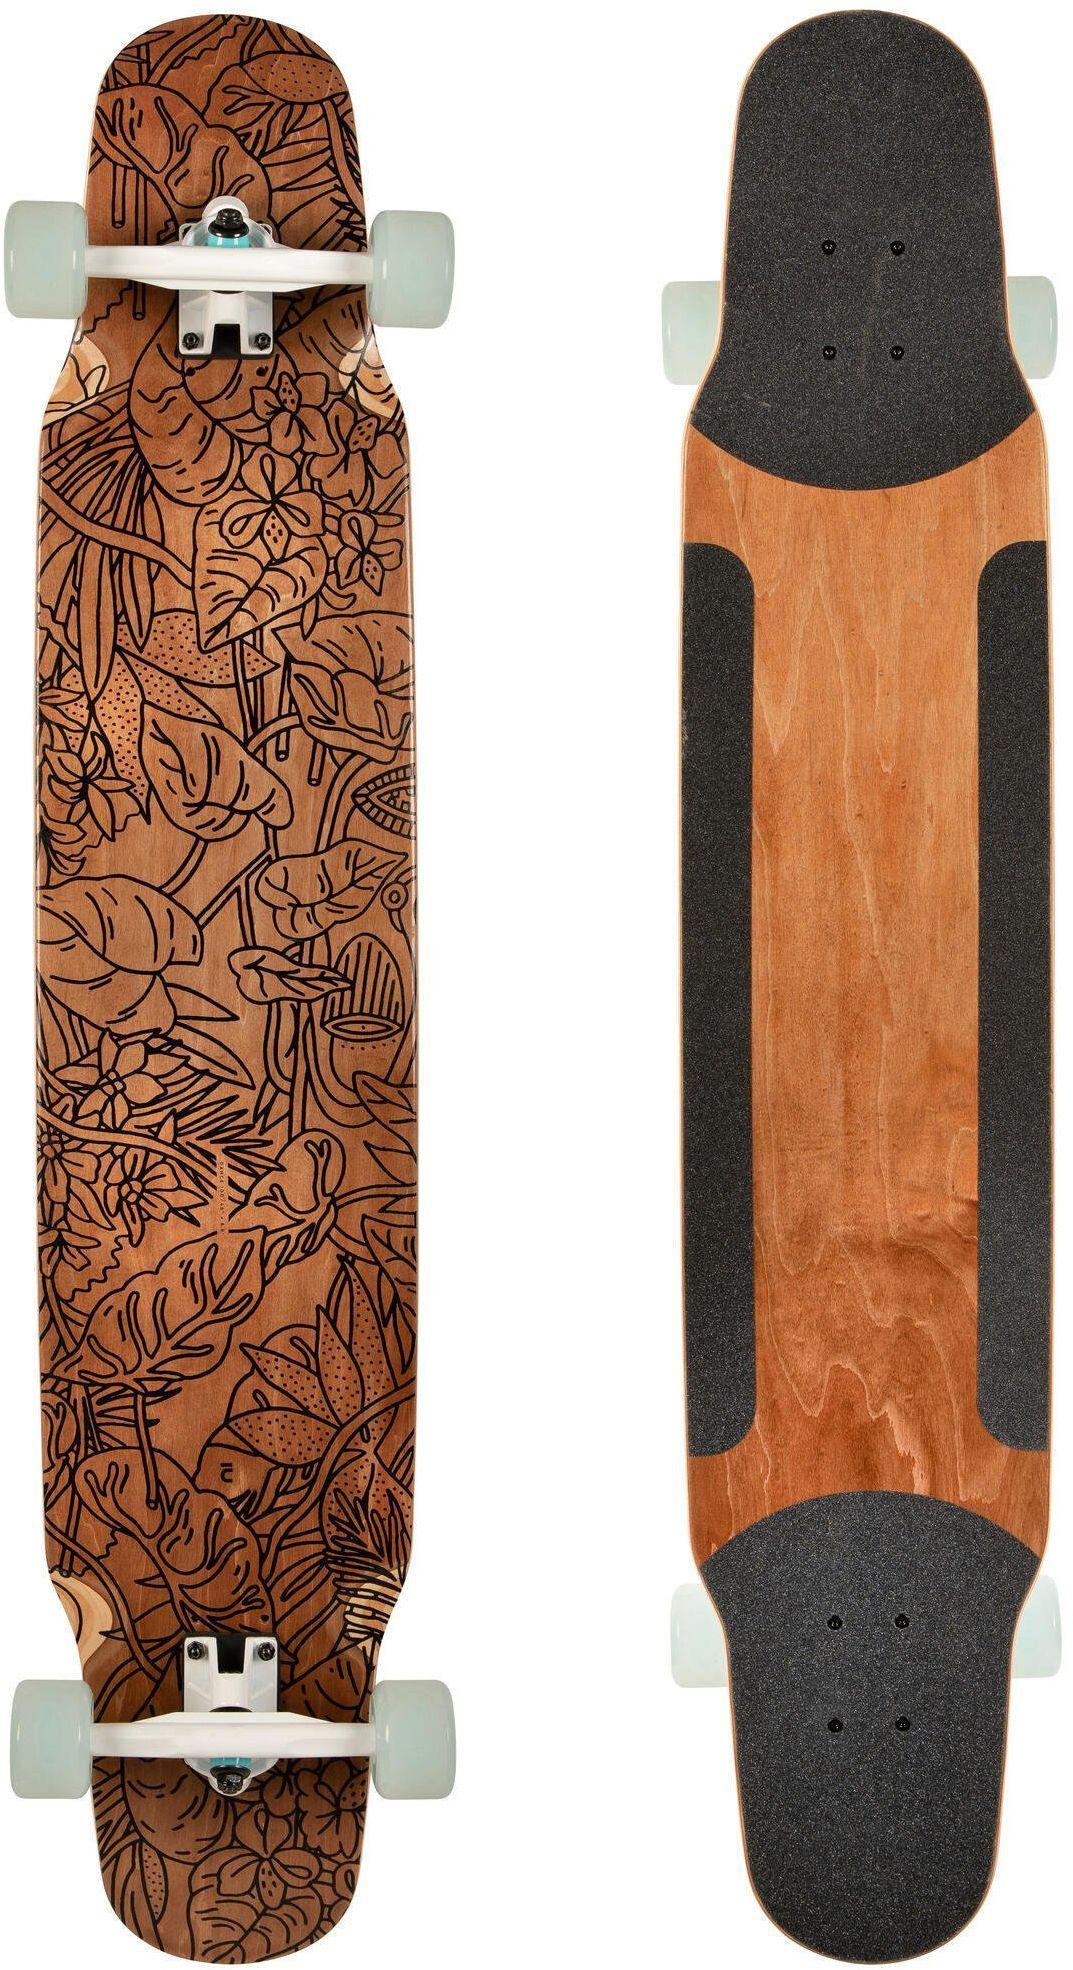 Deskorolka Longboard Dancing 100 Forest